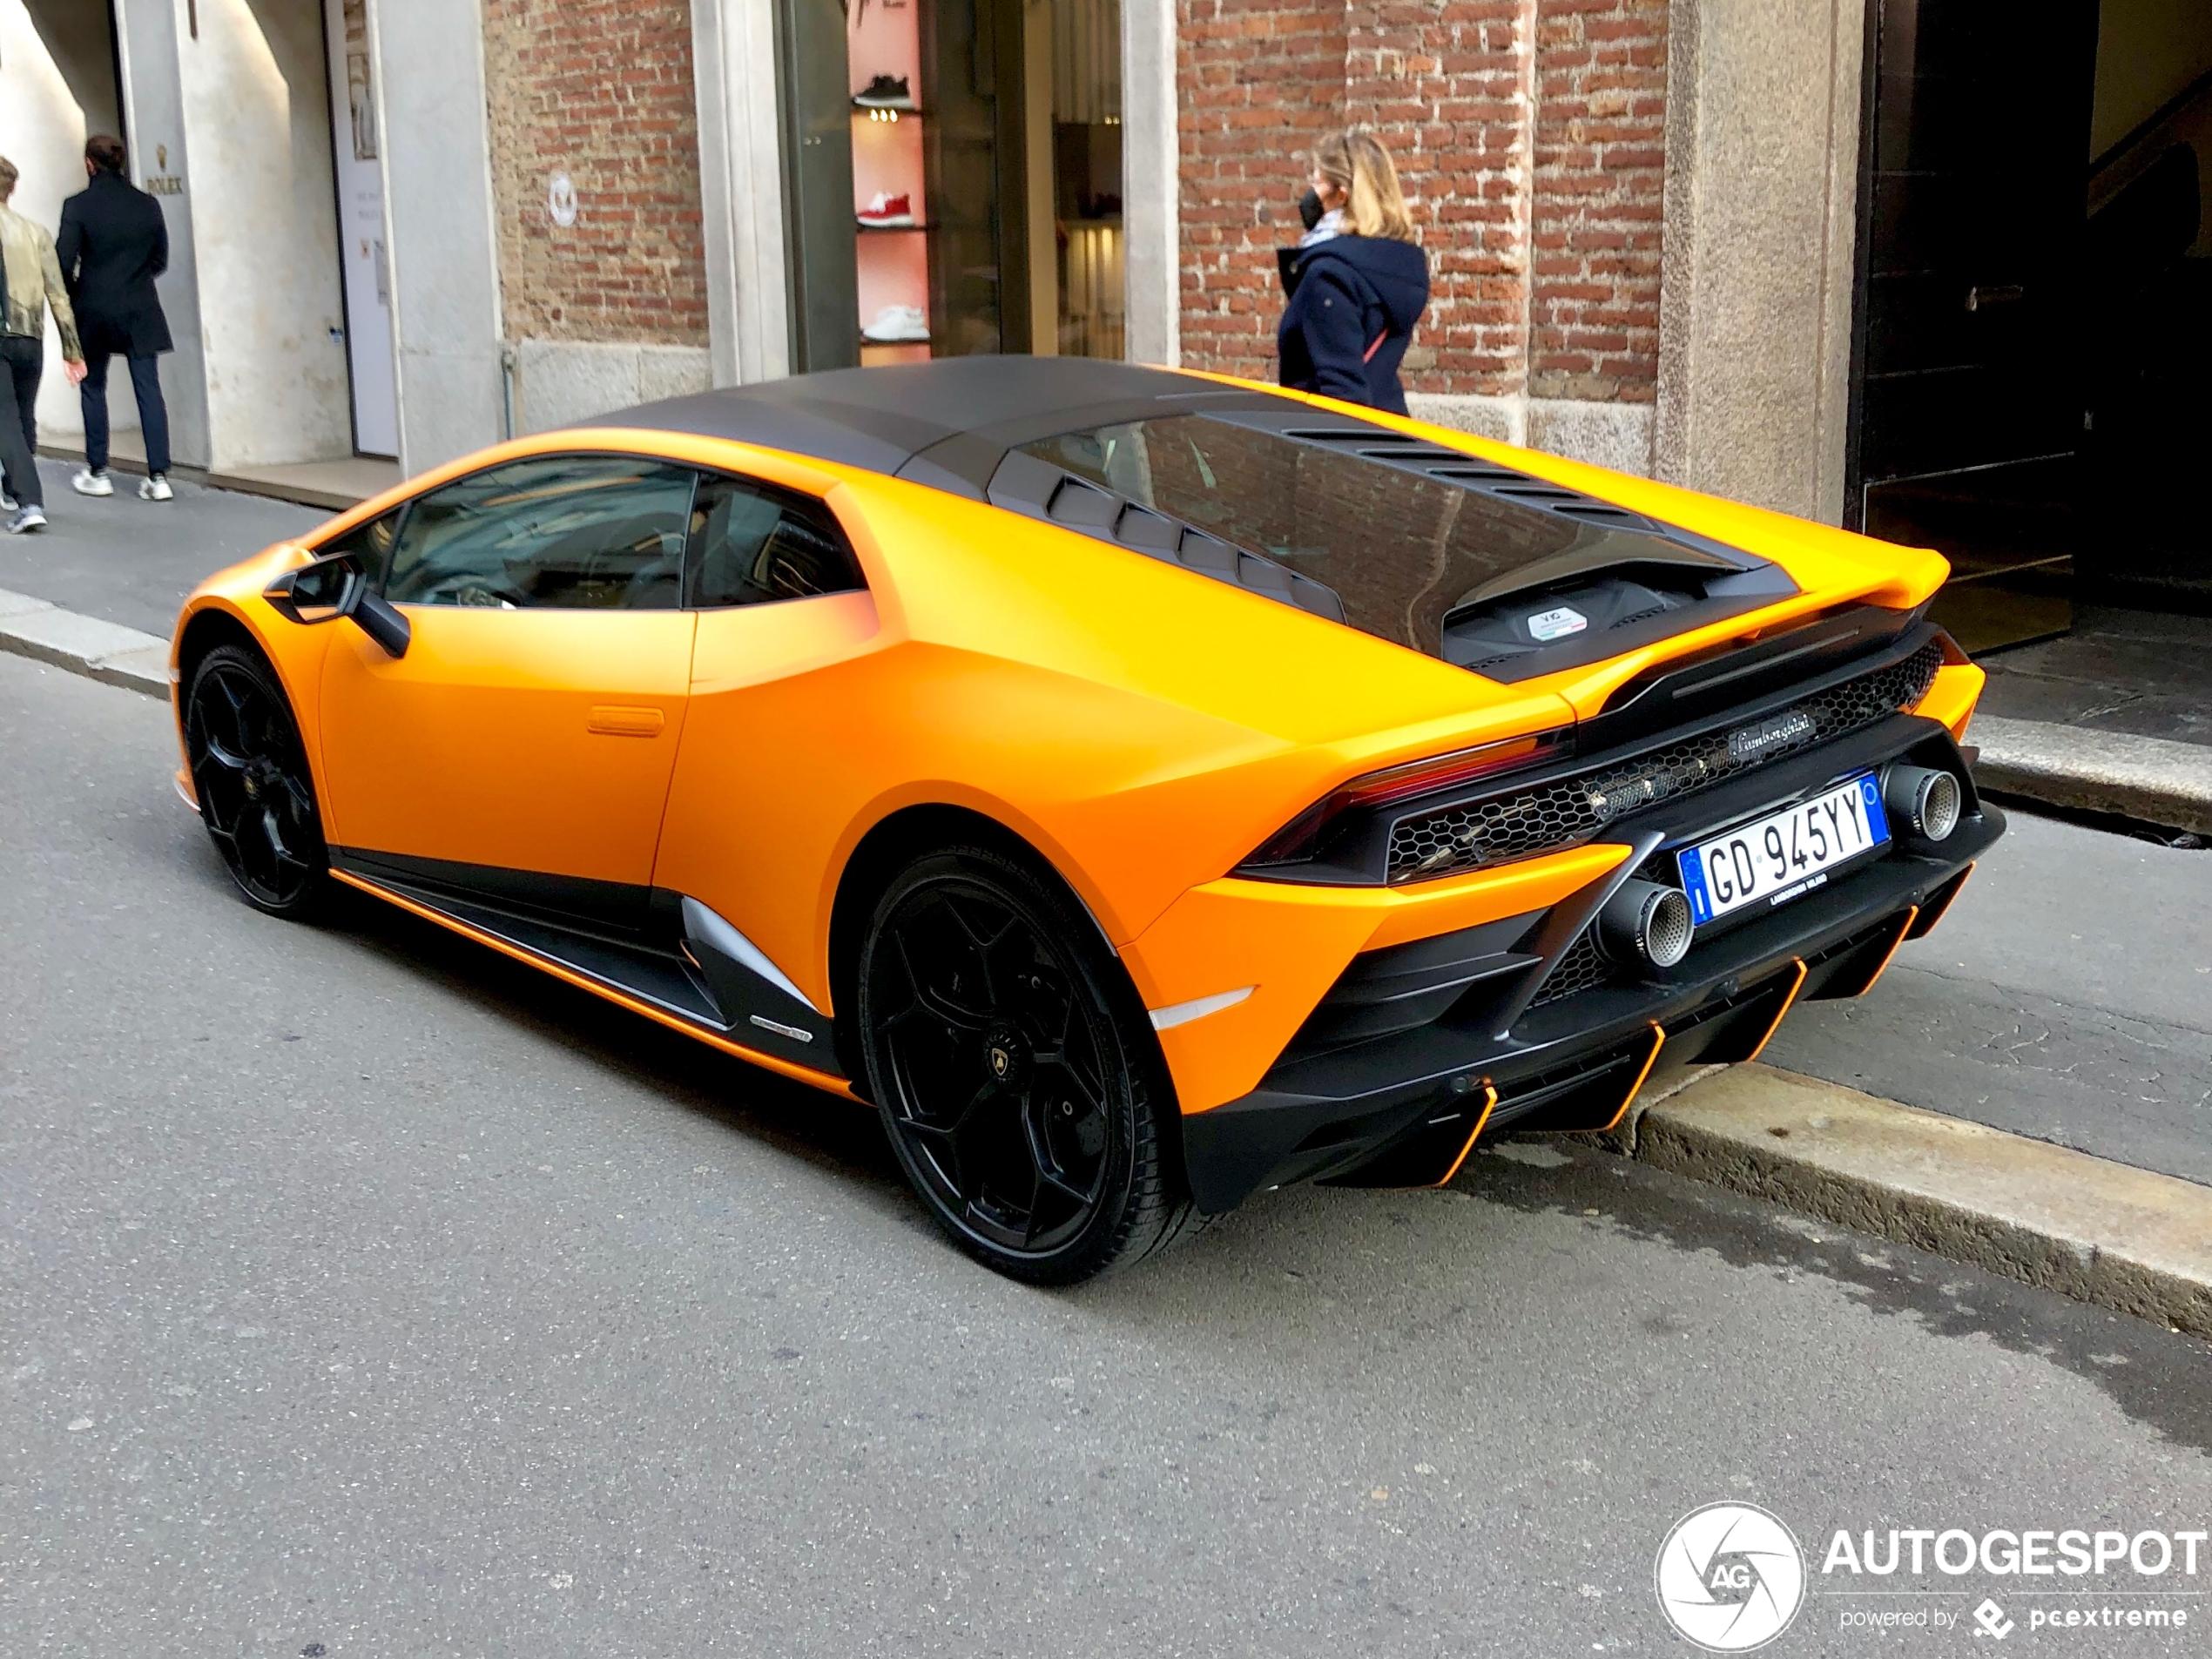 Lamborghini Huracán LP640-4 EVO Fluo Capsule in Milaan spat van je beeldscherm